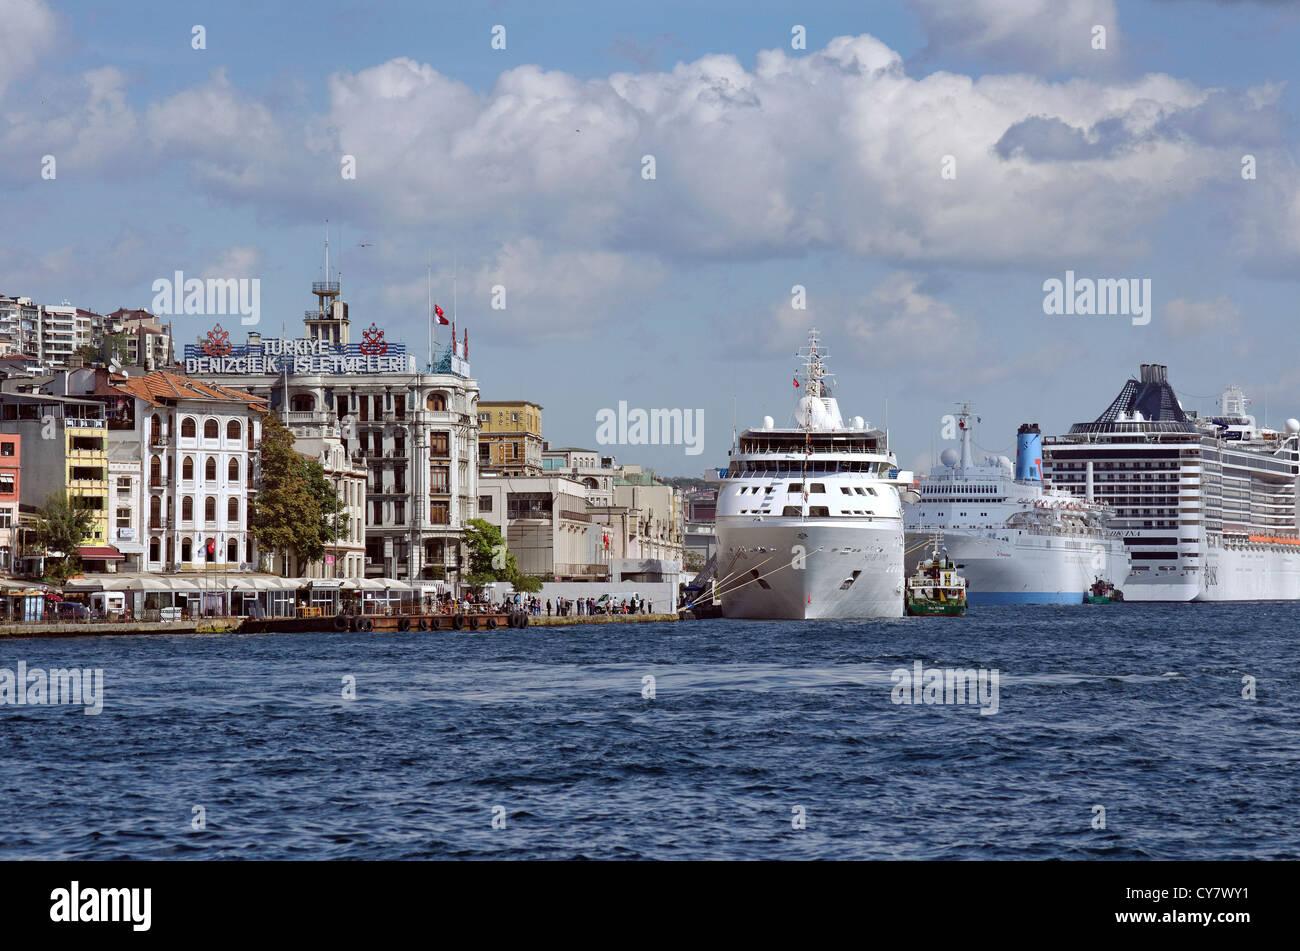 Istanbul Cruise Port, Galata, Europe shore, Bosphorus, Turkey - Stock Image